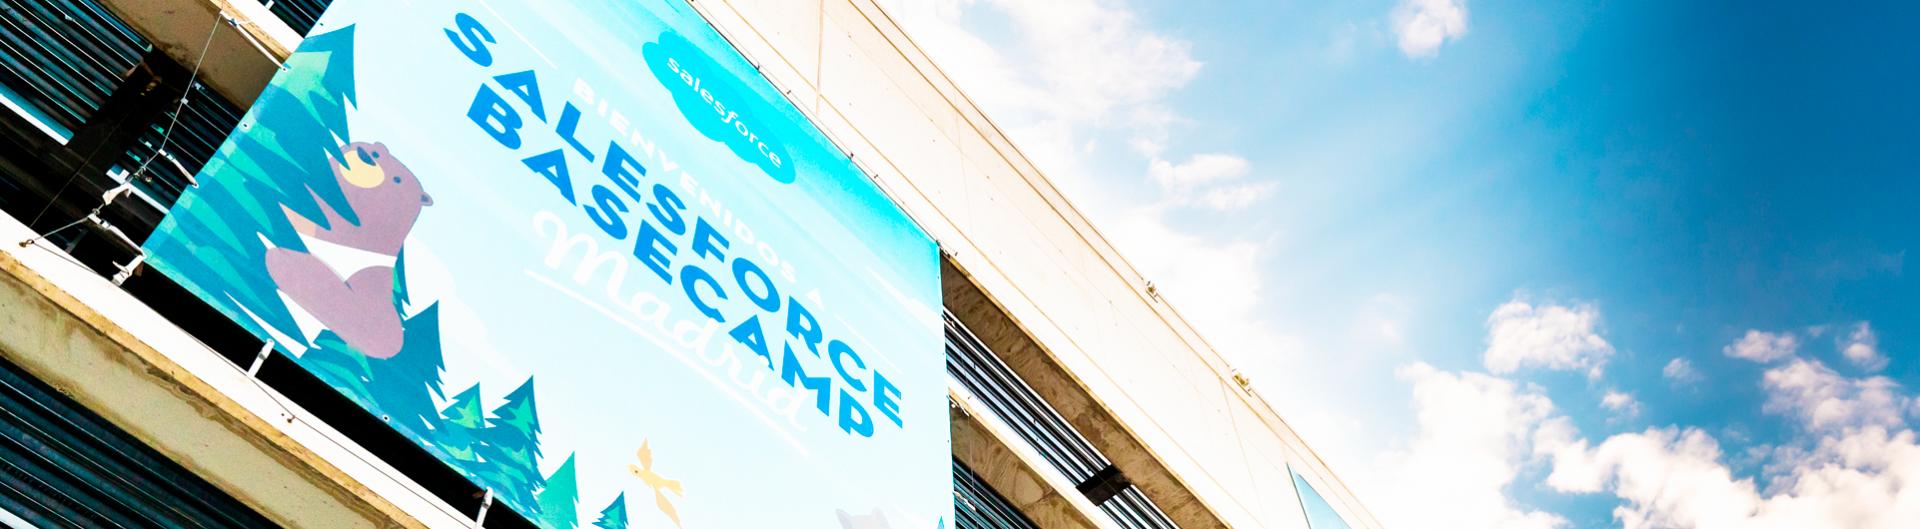 Salesforce-Basecamp-2018 2